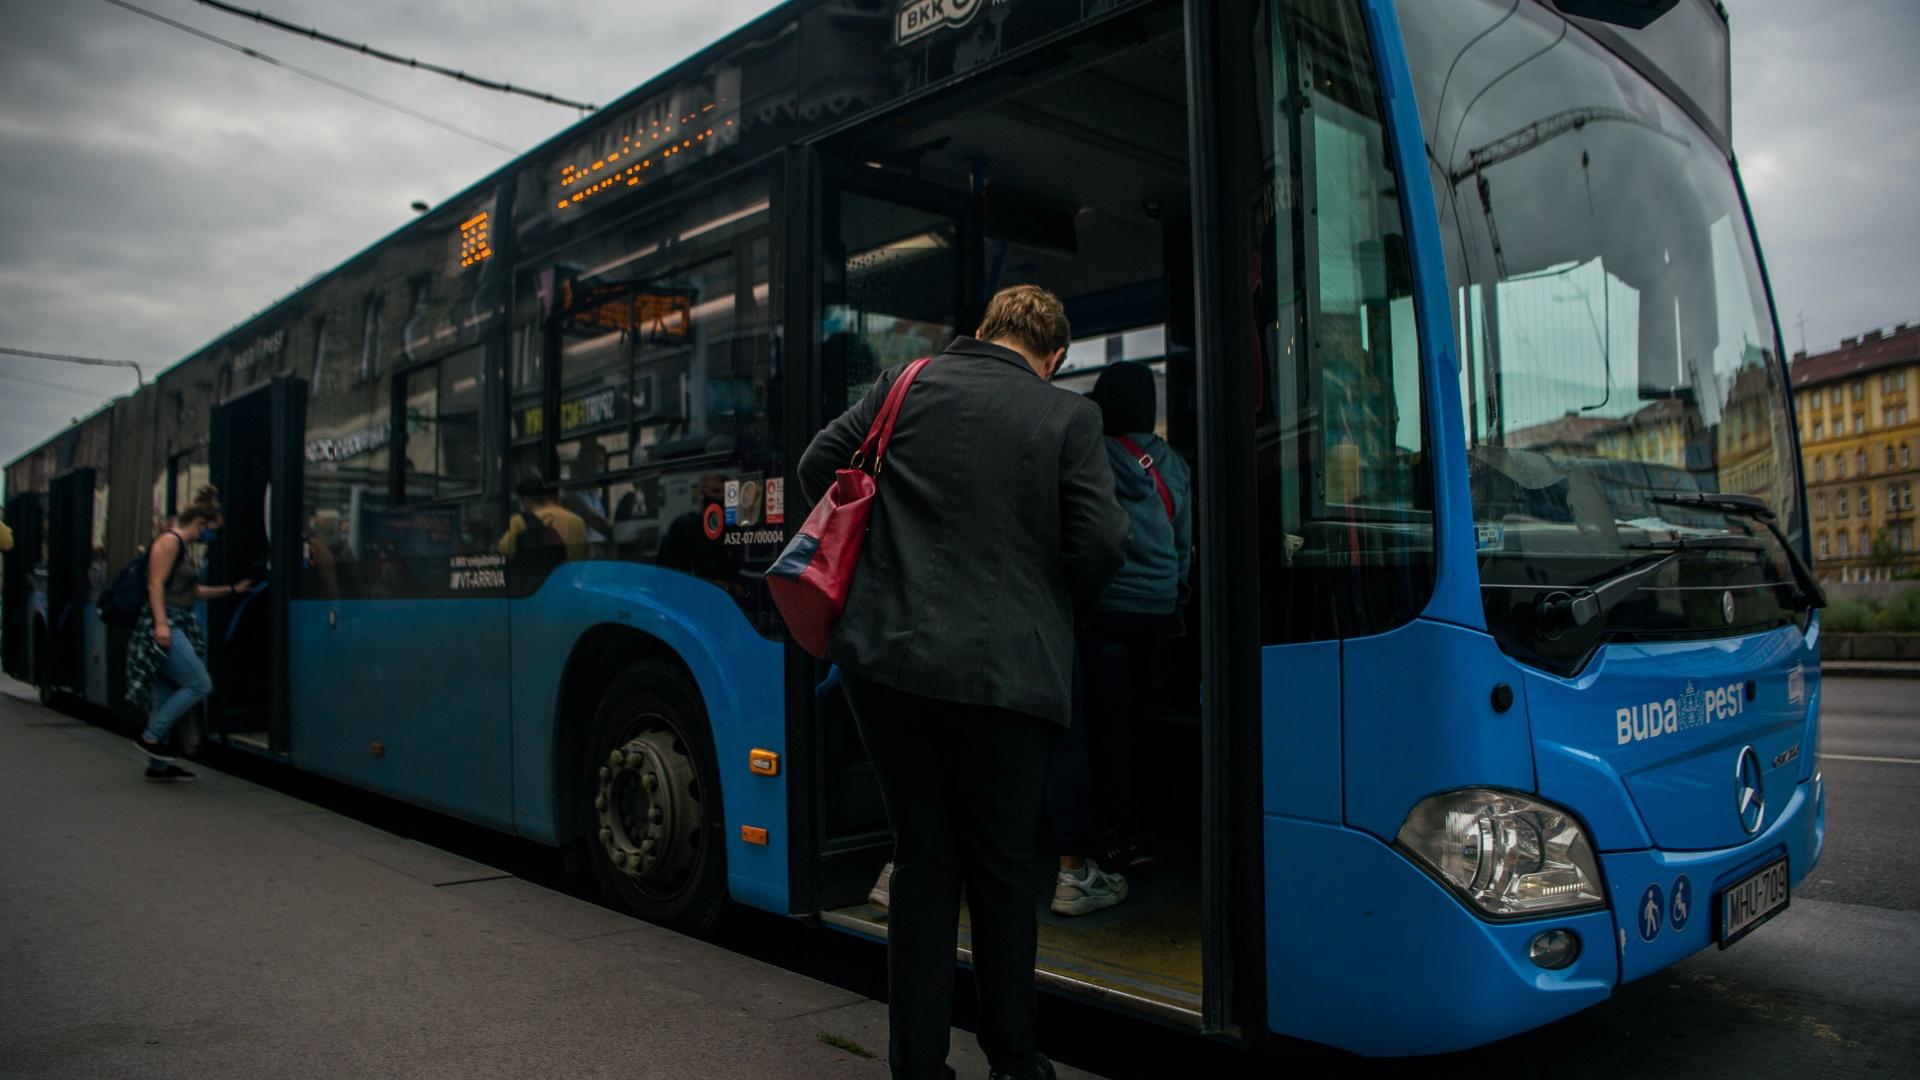 Elsőajtós felszállás a buszon